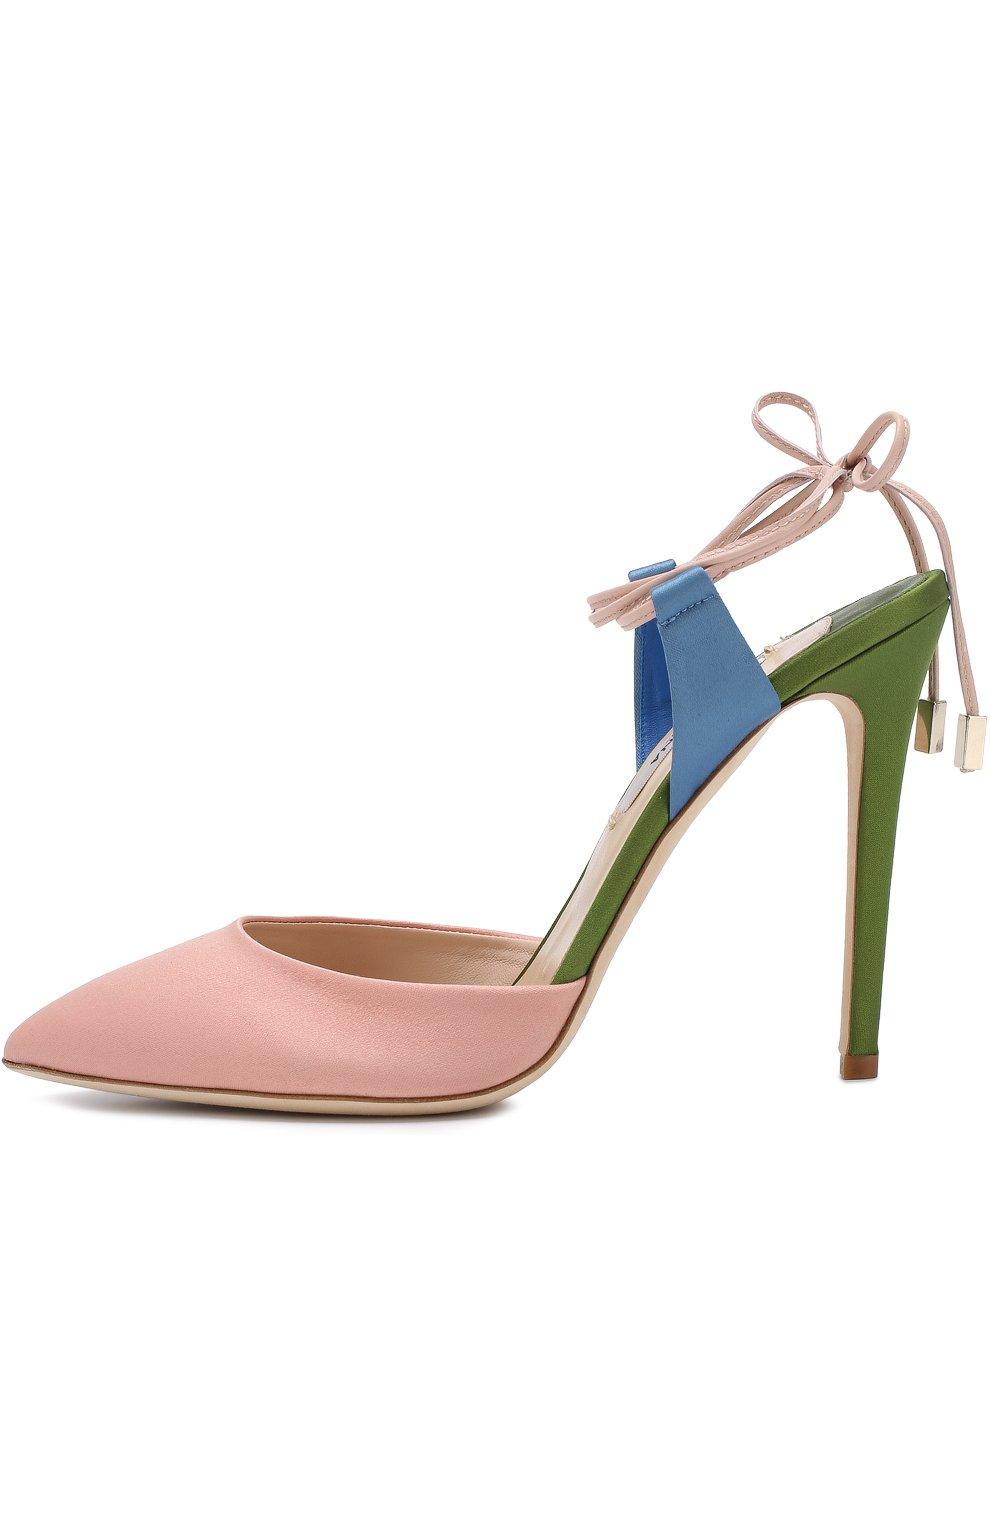 Сатиновые туфли Attachante Rainbow с кожаными ремешками OLGANA светло-розовые | Фото №3